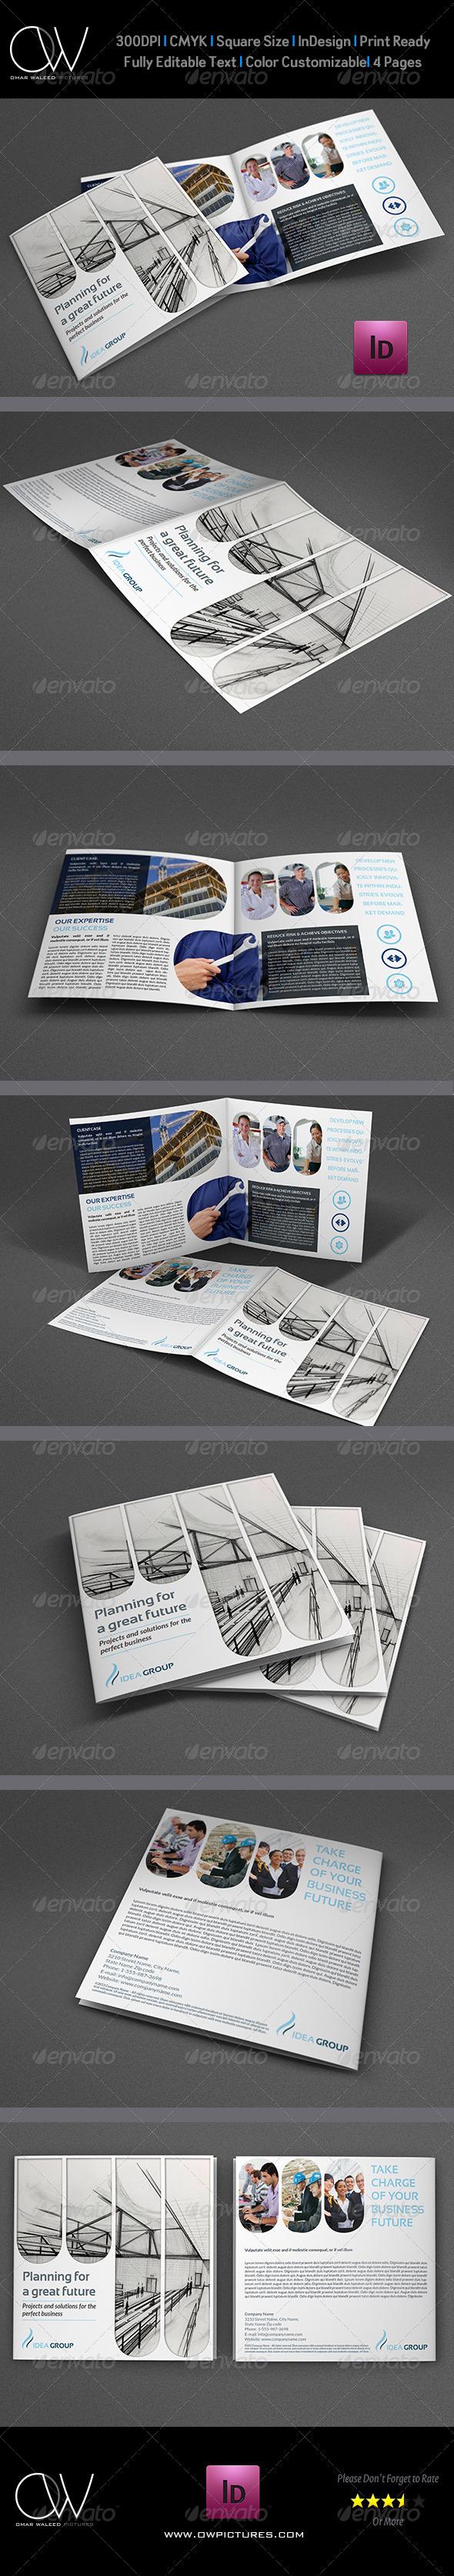 GraphicRiver Company Brochure Bi-Fold Template Vol.15 6537122